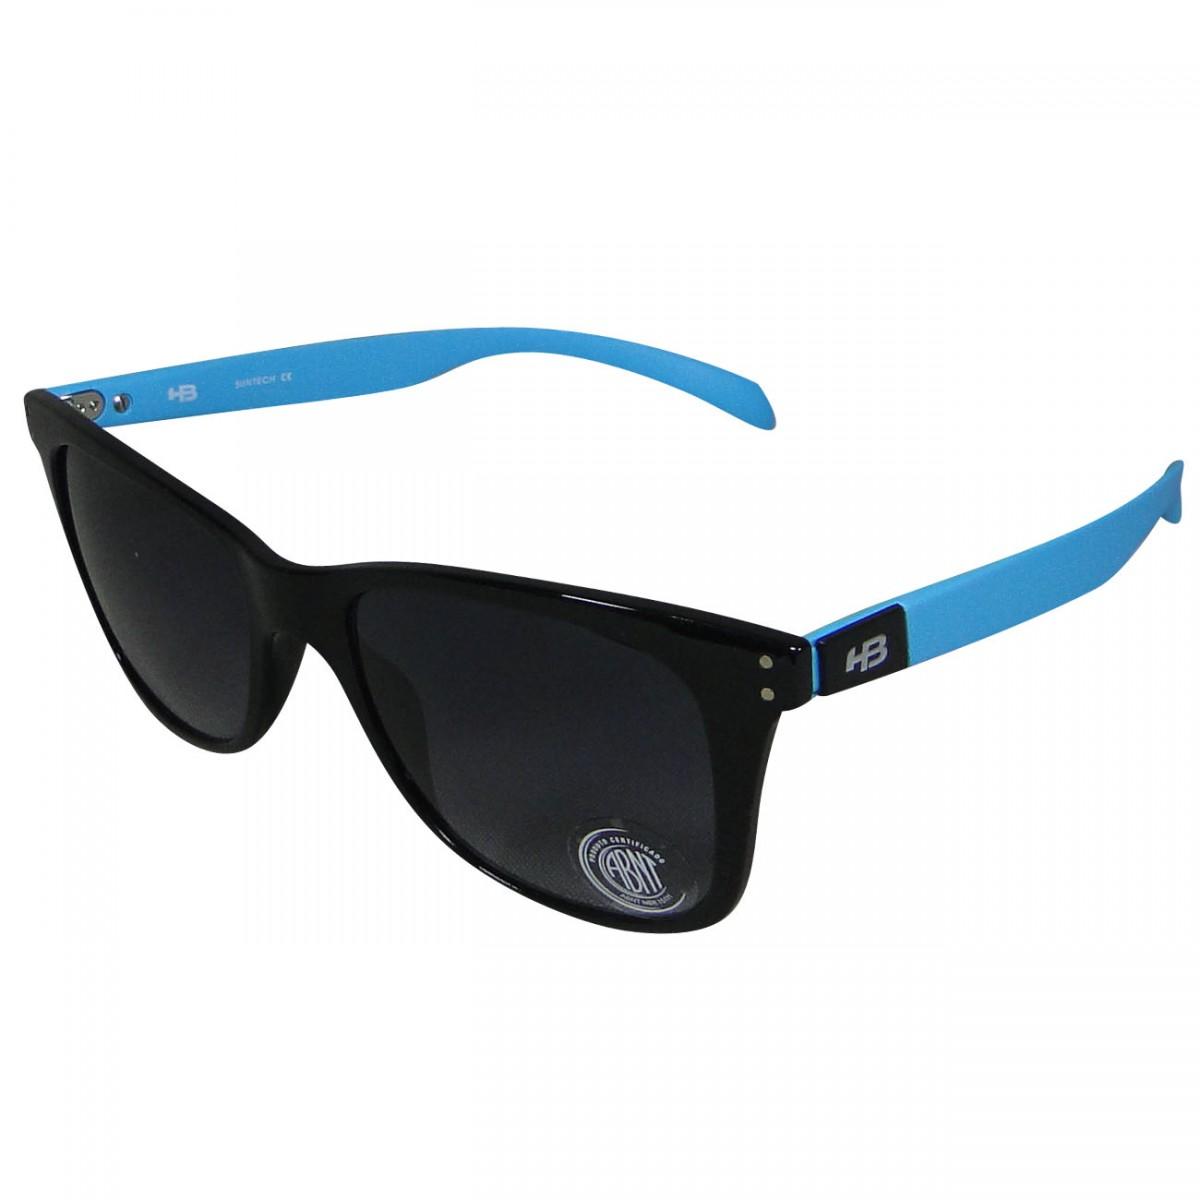 Oculos HB Landshark II 90113714 - Preto Gloss Azul - Chuteira Nike, Adidas.  Sandalias Femininas. Sandy Calçados d8d52807a8